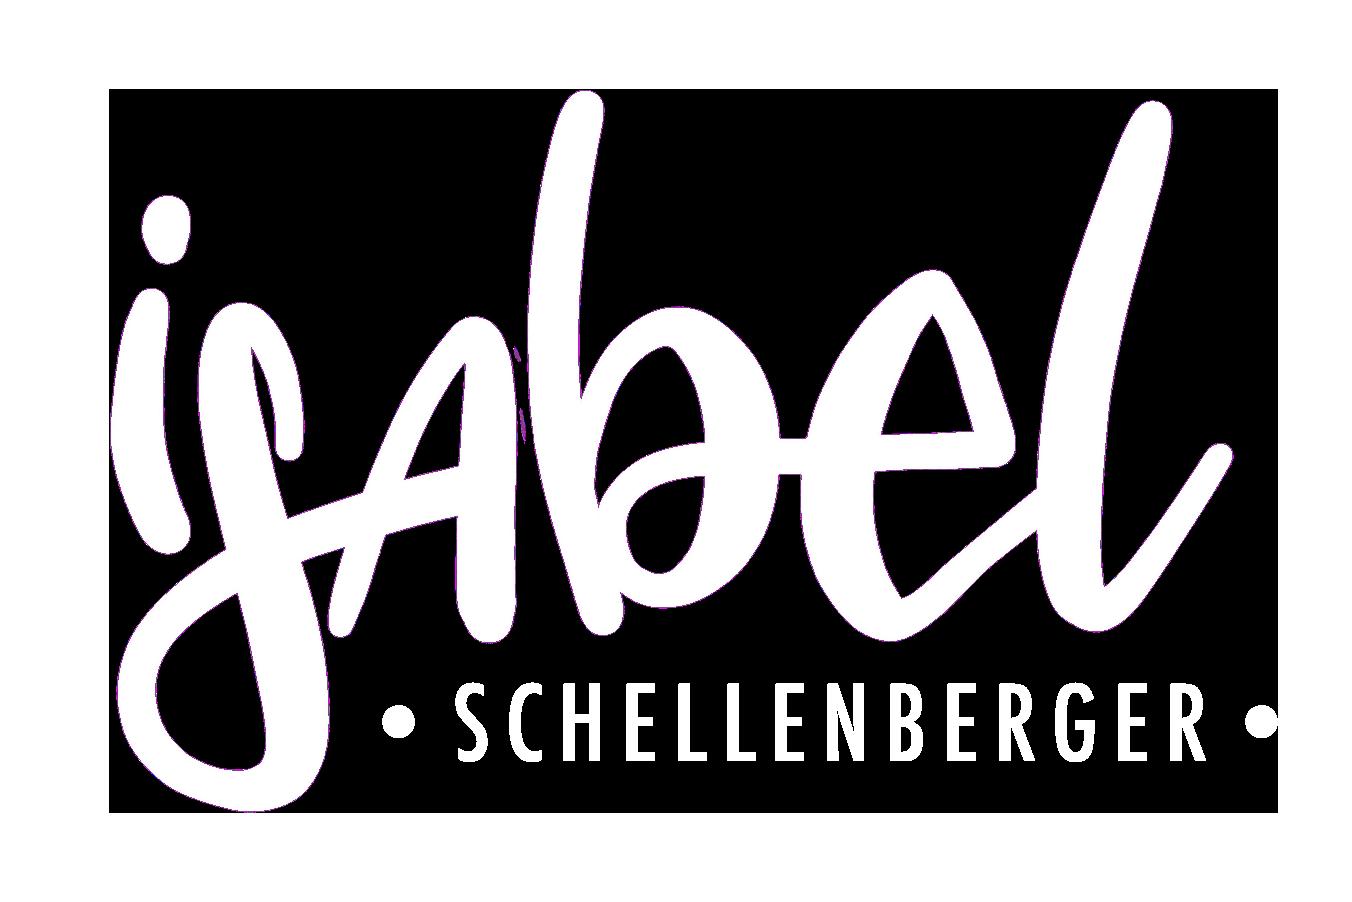 Isabel Schellenberger